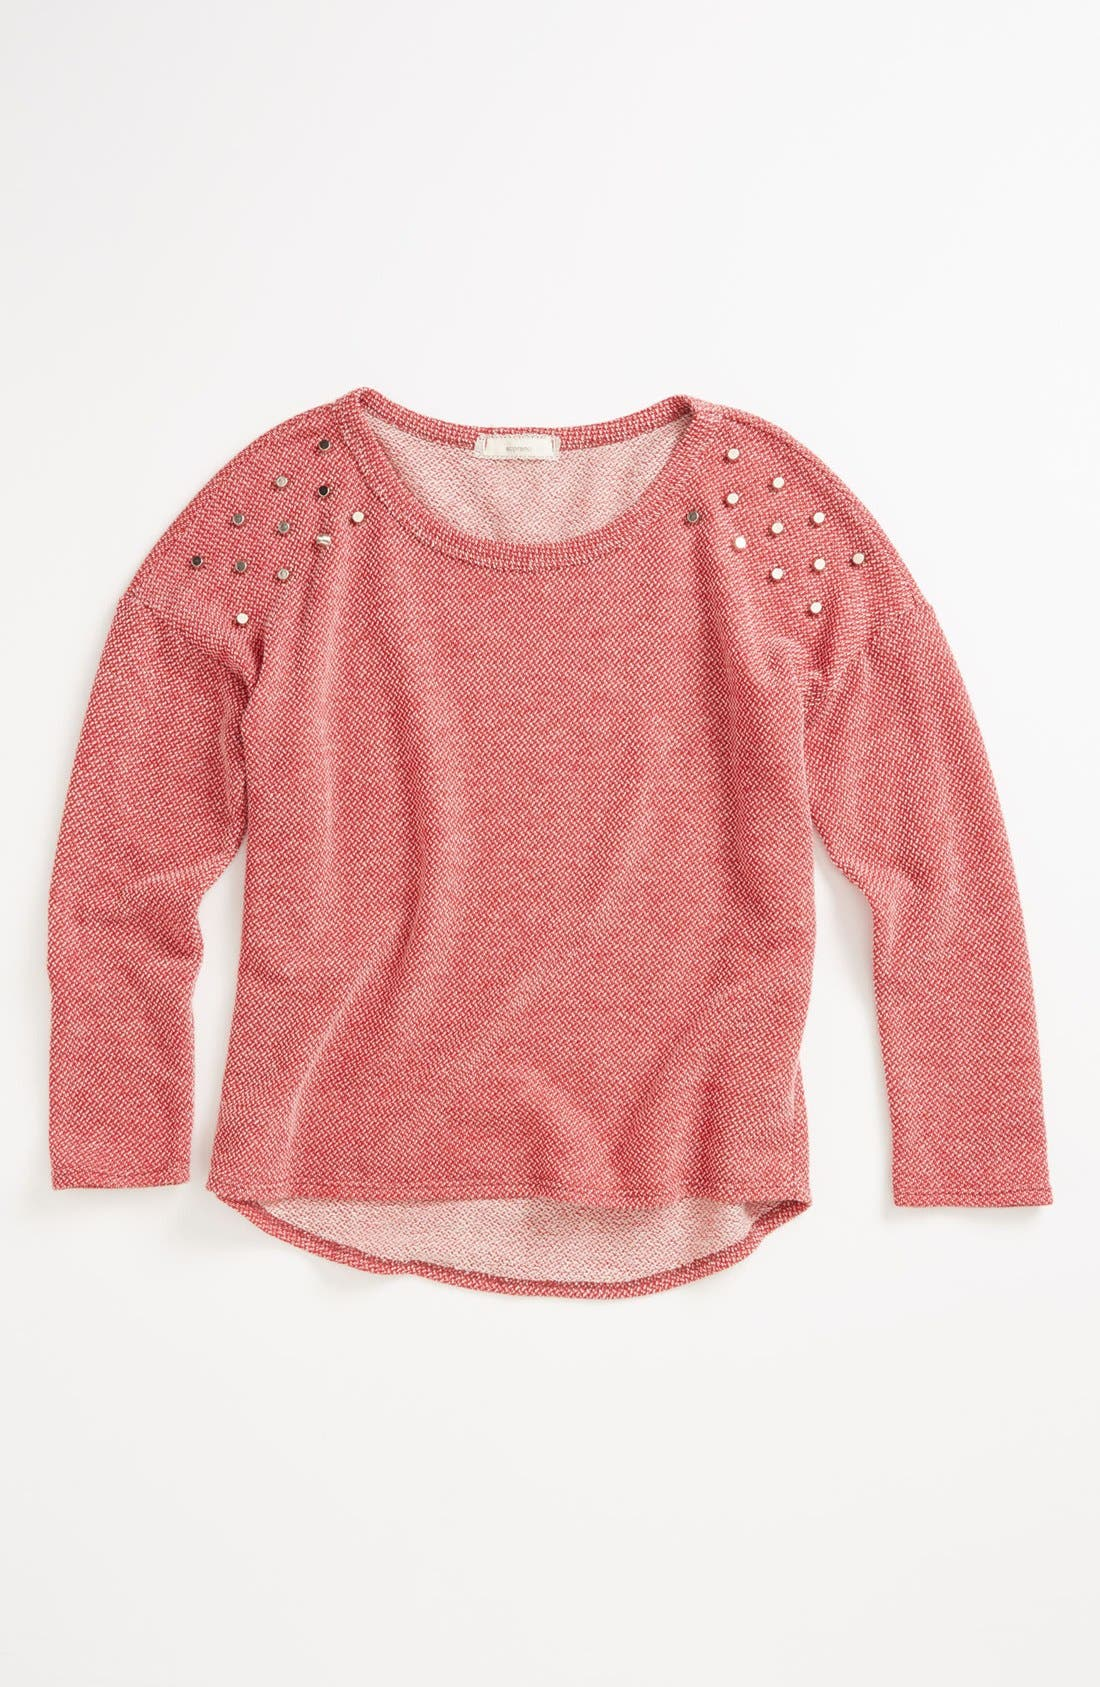 Alternate Image 1 Selected - Soprano Stud Shoulder Sweater (Big Girls)